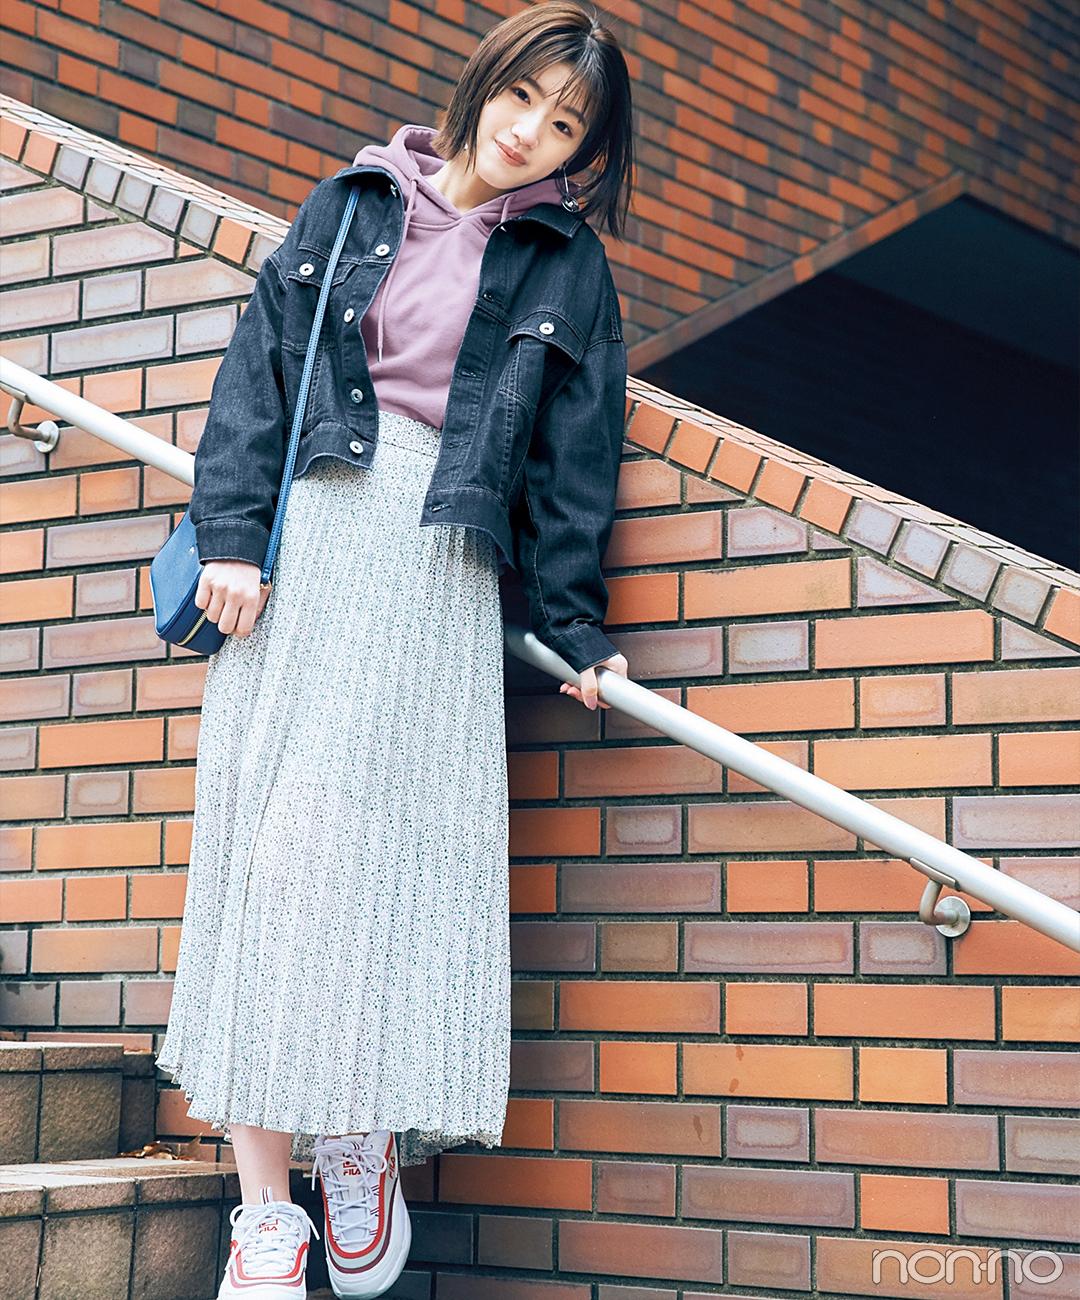 Gジャン&スカートの超鉄板コーデはフーディでトレンド顔に!【毎日コーデ】_1_1